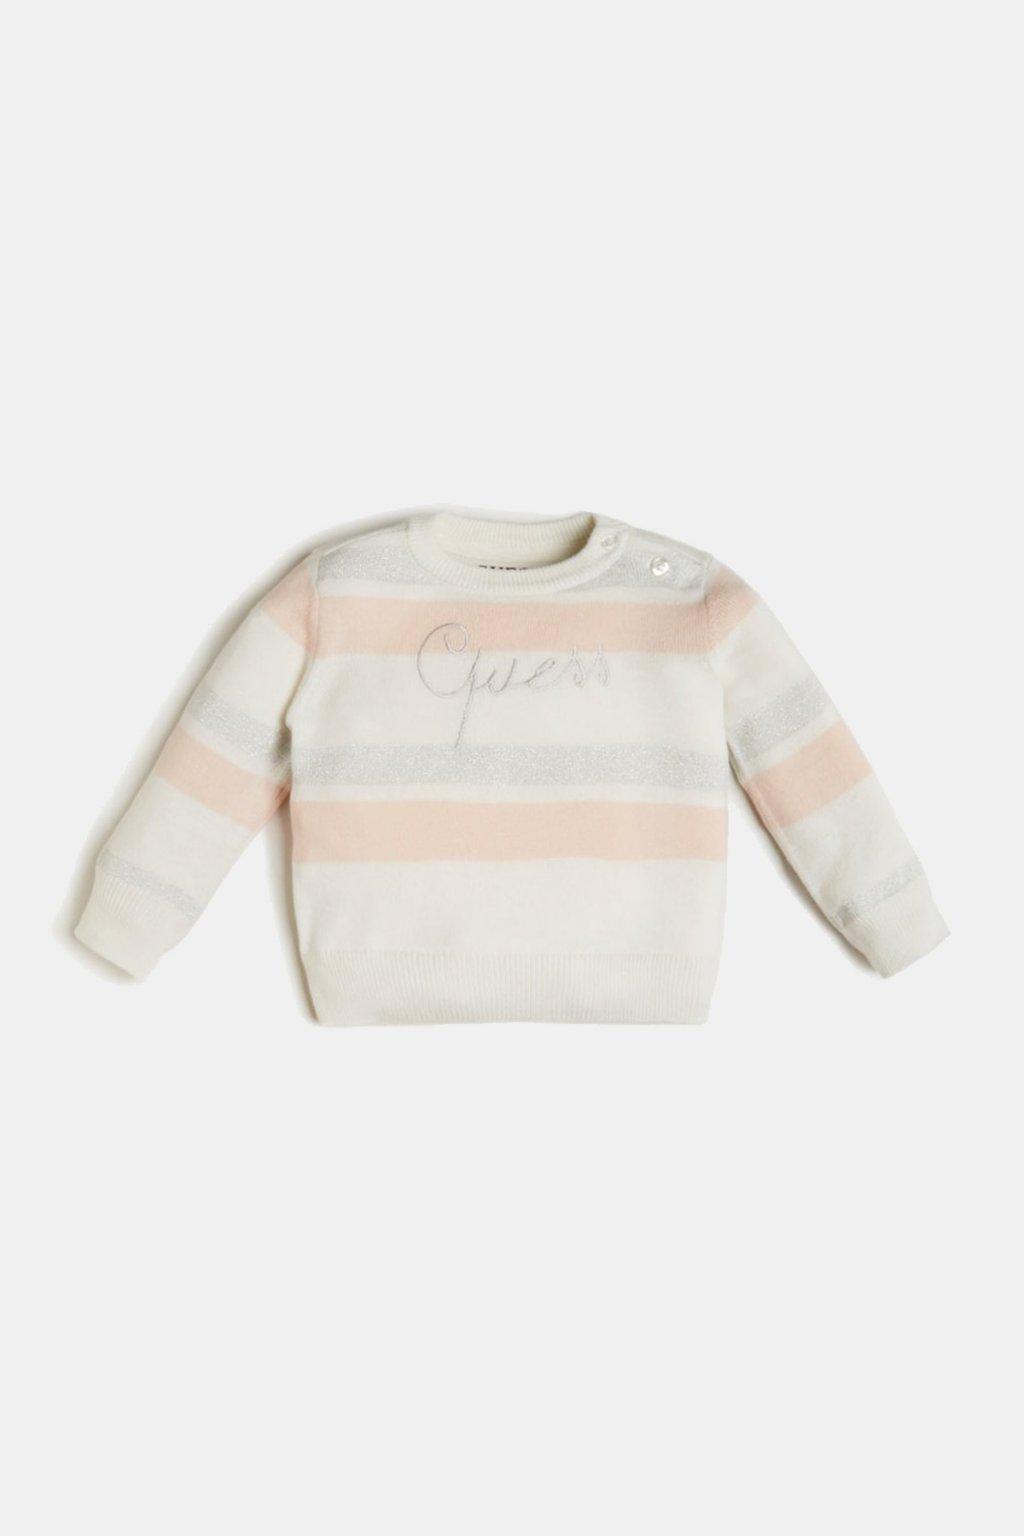 Guess - Elegantní svetr (Barva Béžová, Velikost 122)